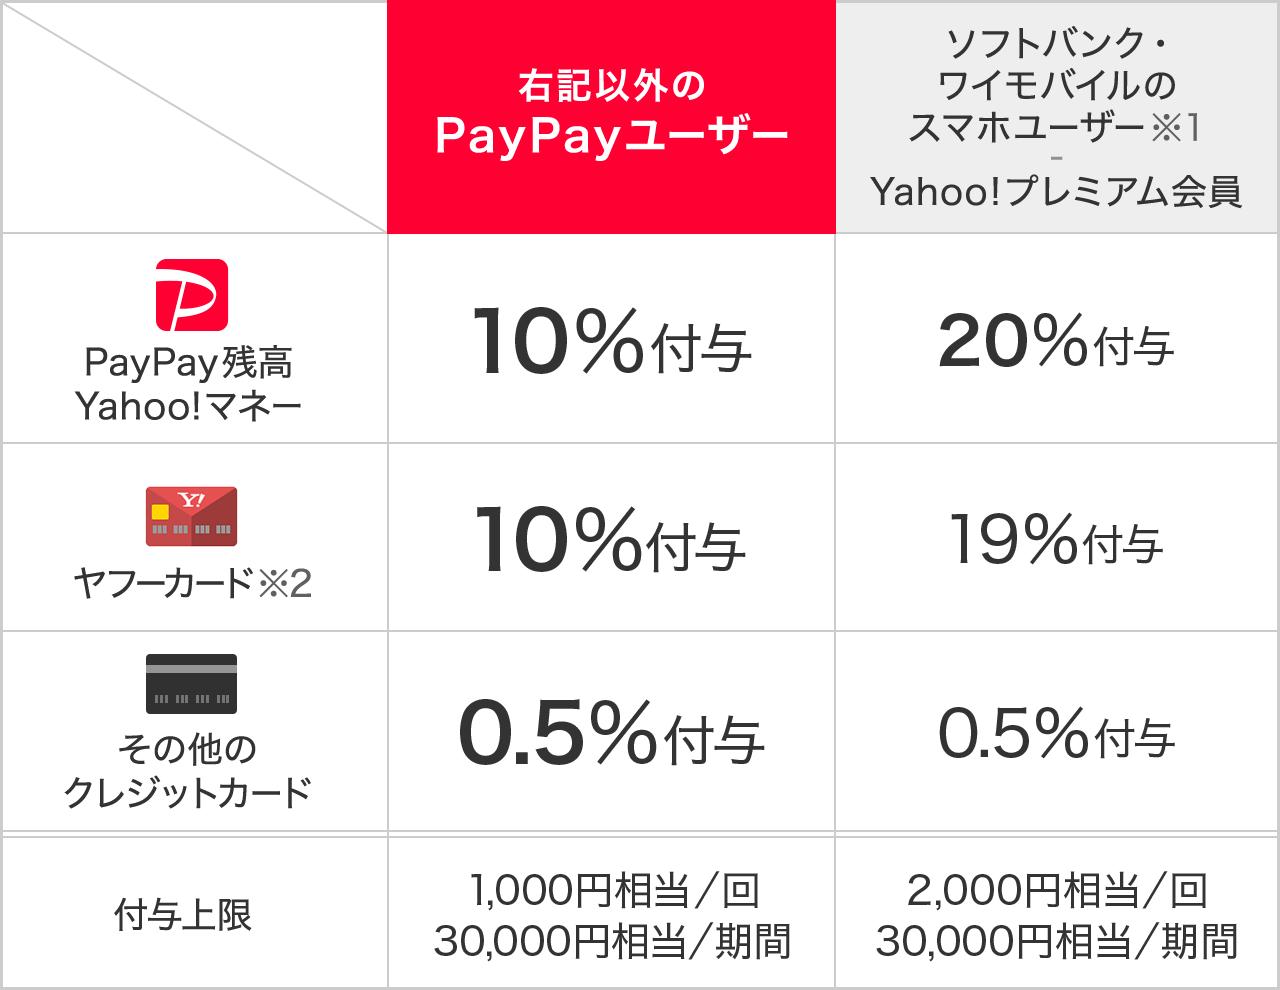 ソフトバンク 支払い paypay